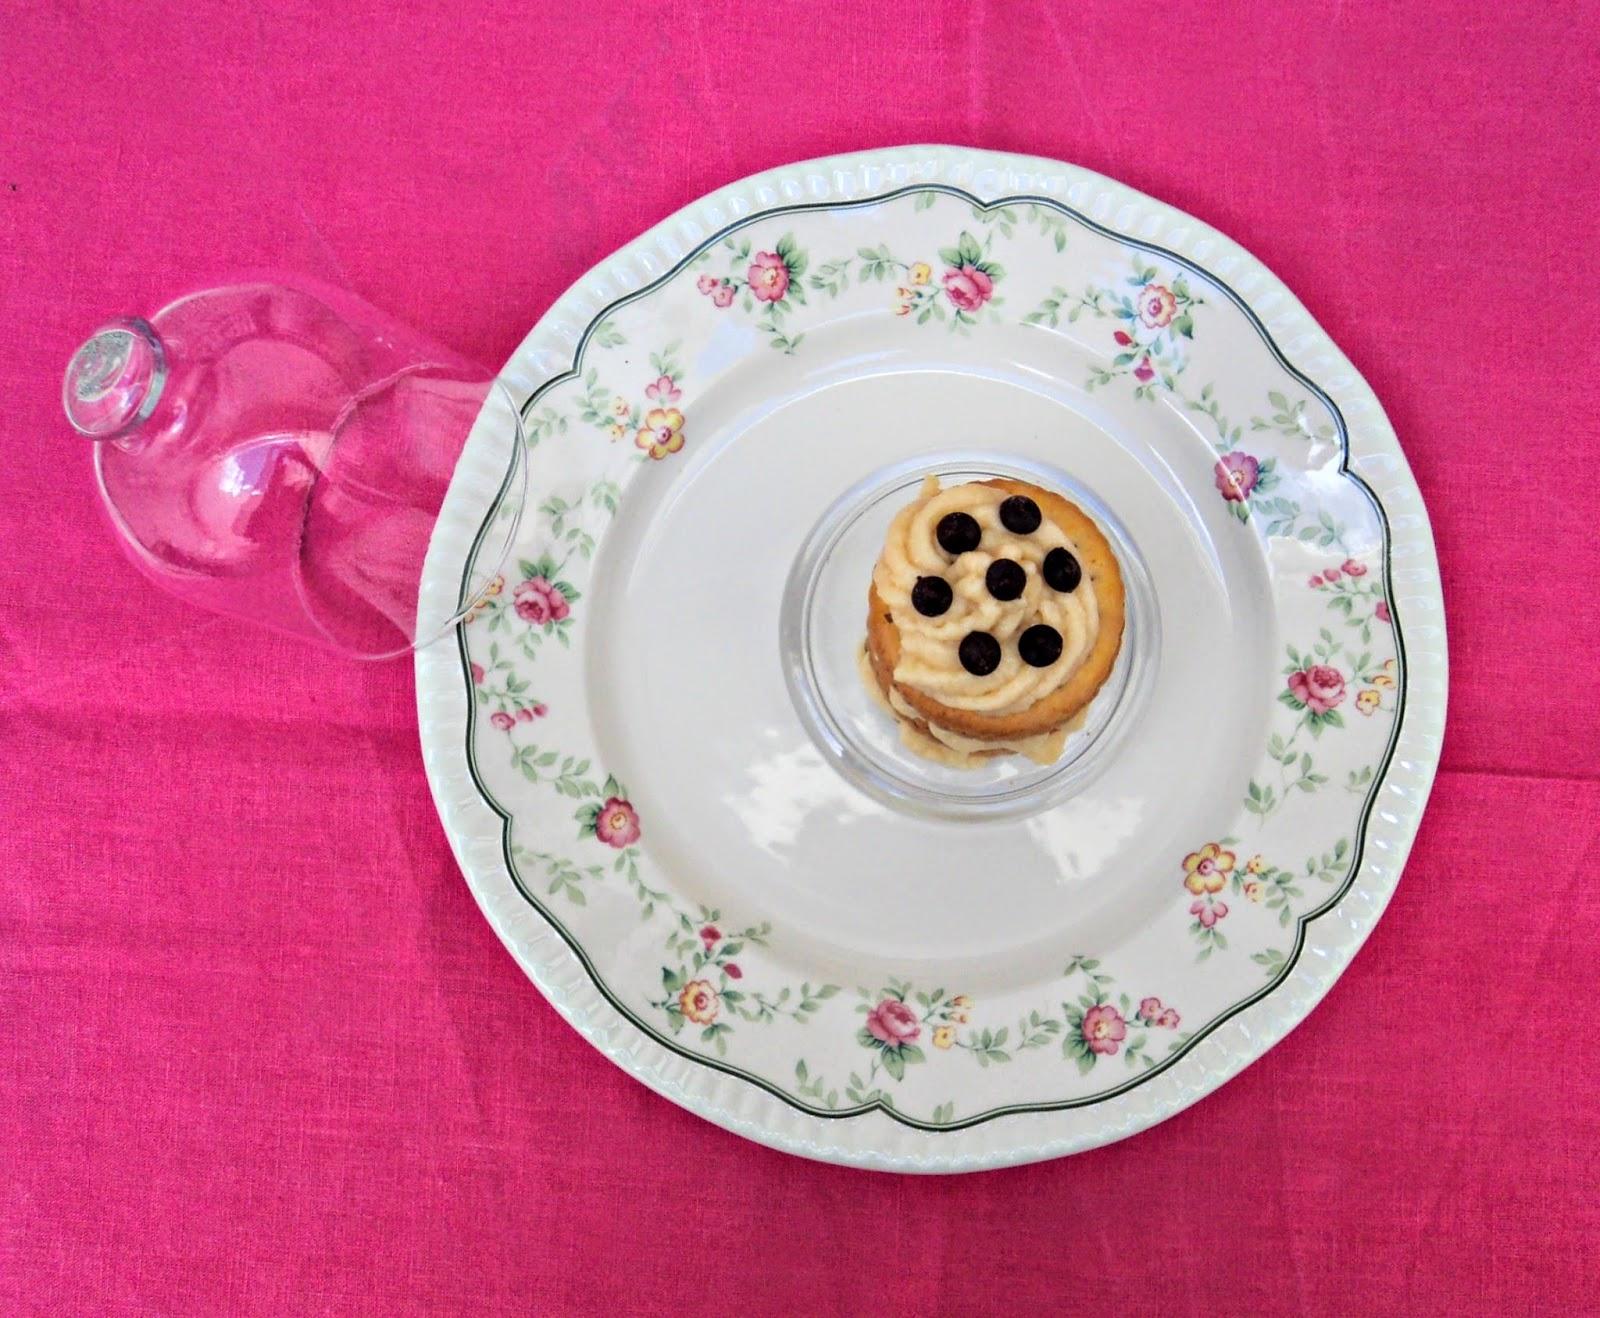 Tarta de galletas Príncipe con crema pastelera, receta casera de Olor a hierbabuena